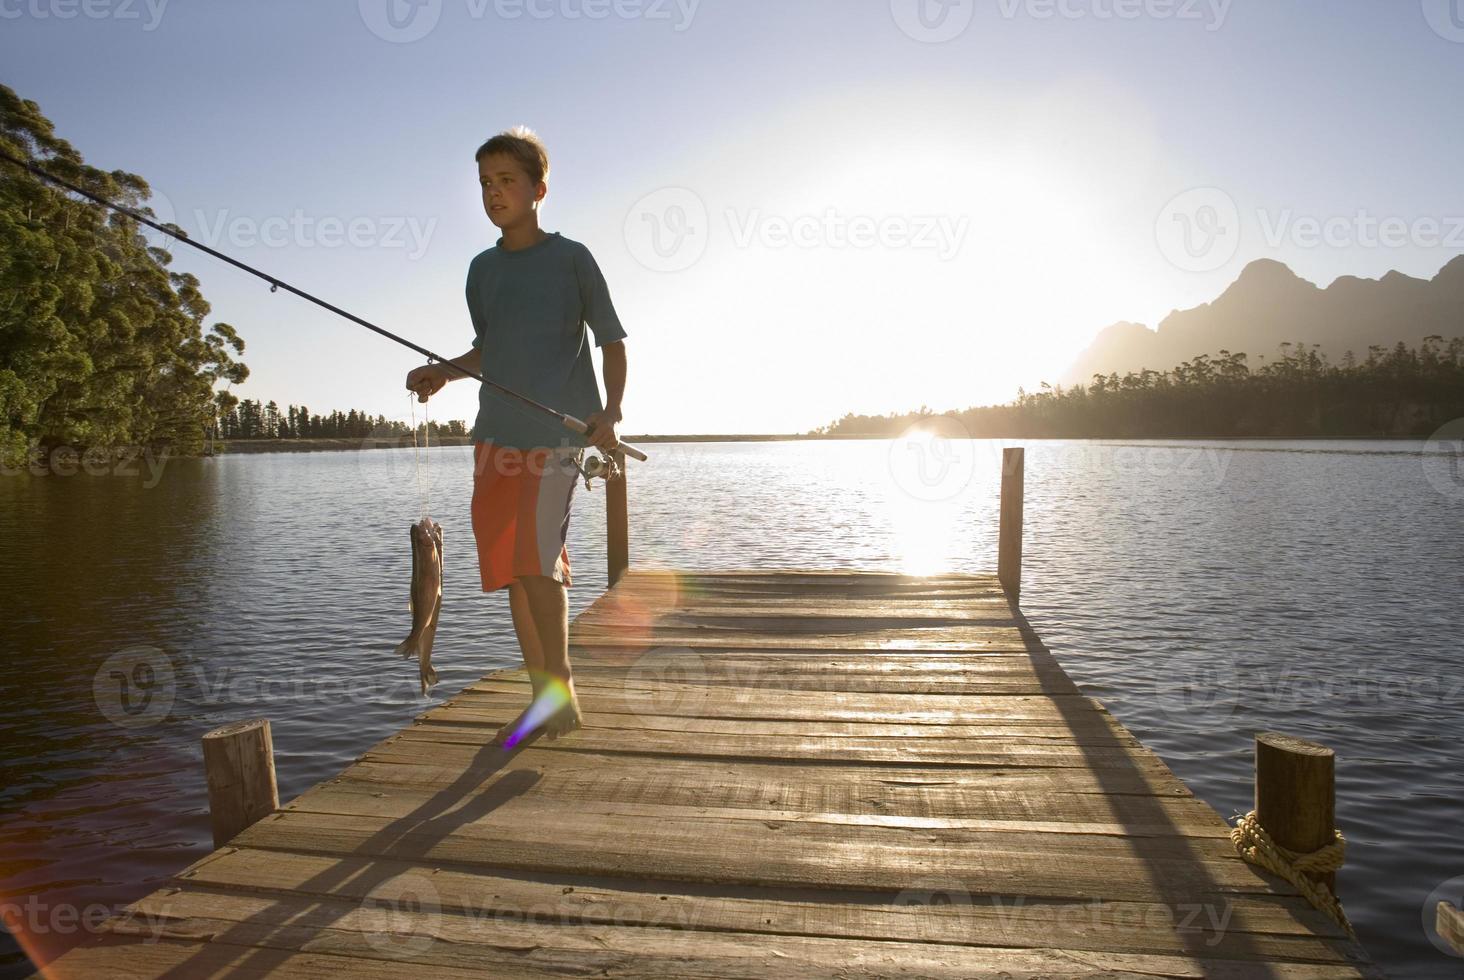 ragazzo, portando la canna da pesca e pesce sul molo del lago foto